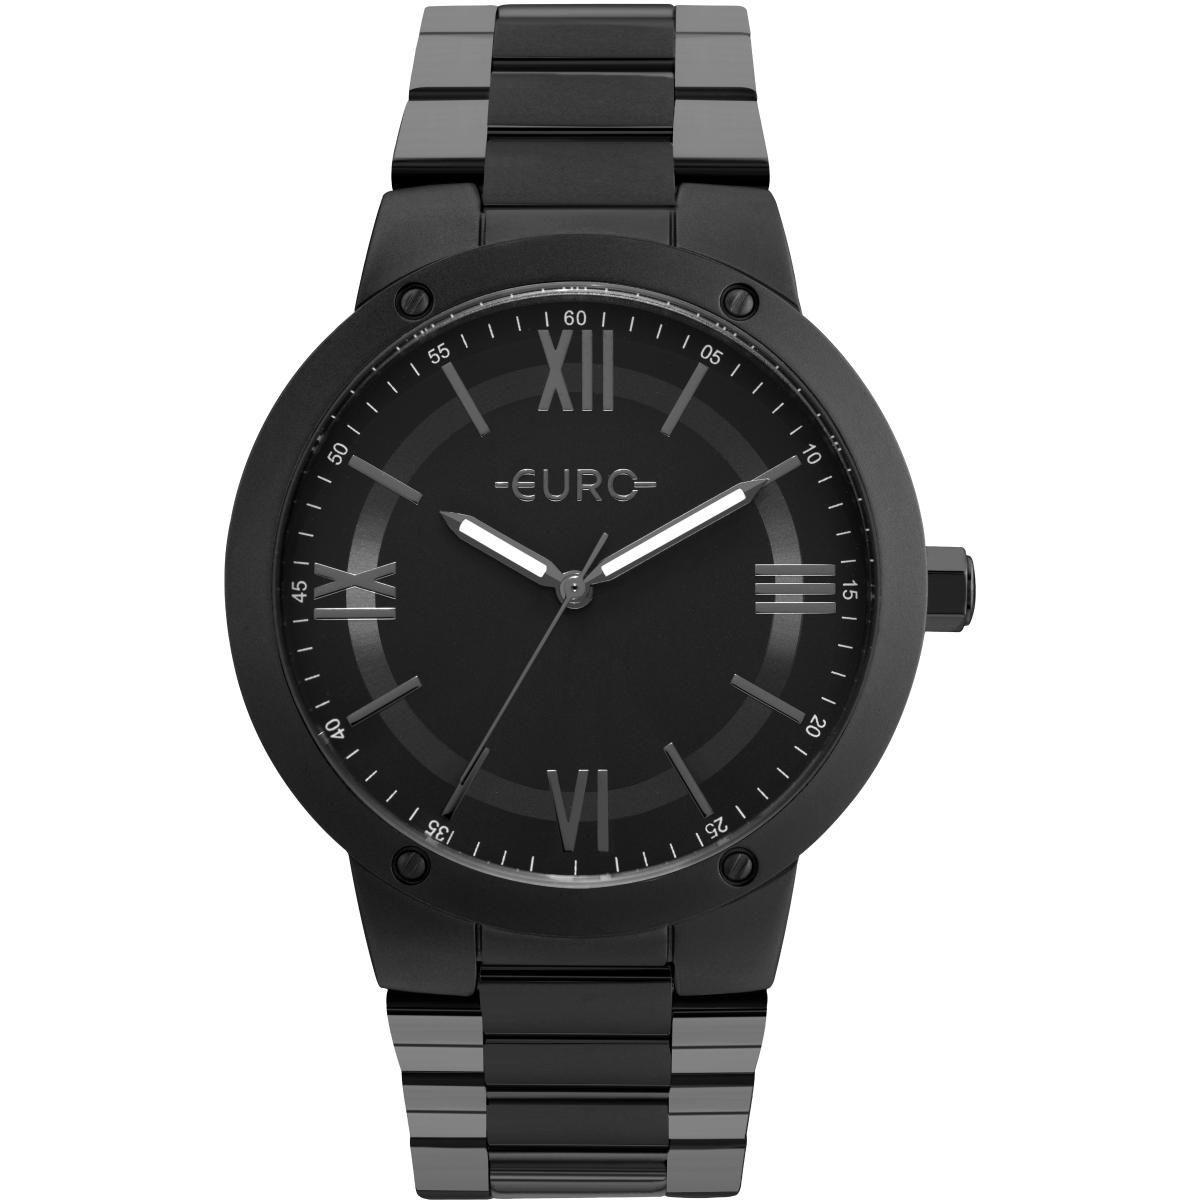 Relógio Feminino Euro EU2035YMV/4P Pulseira Aço Preta